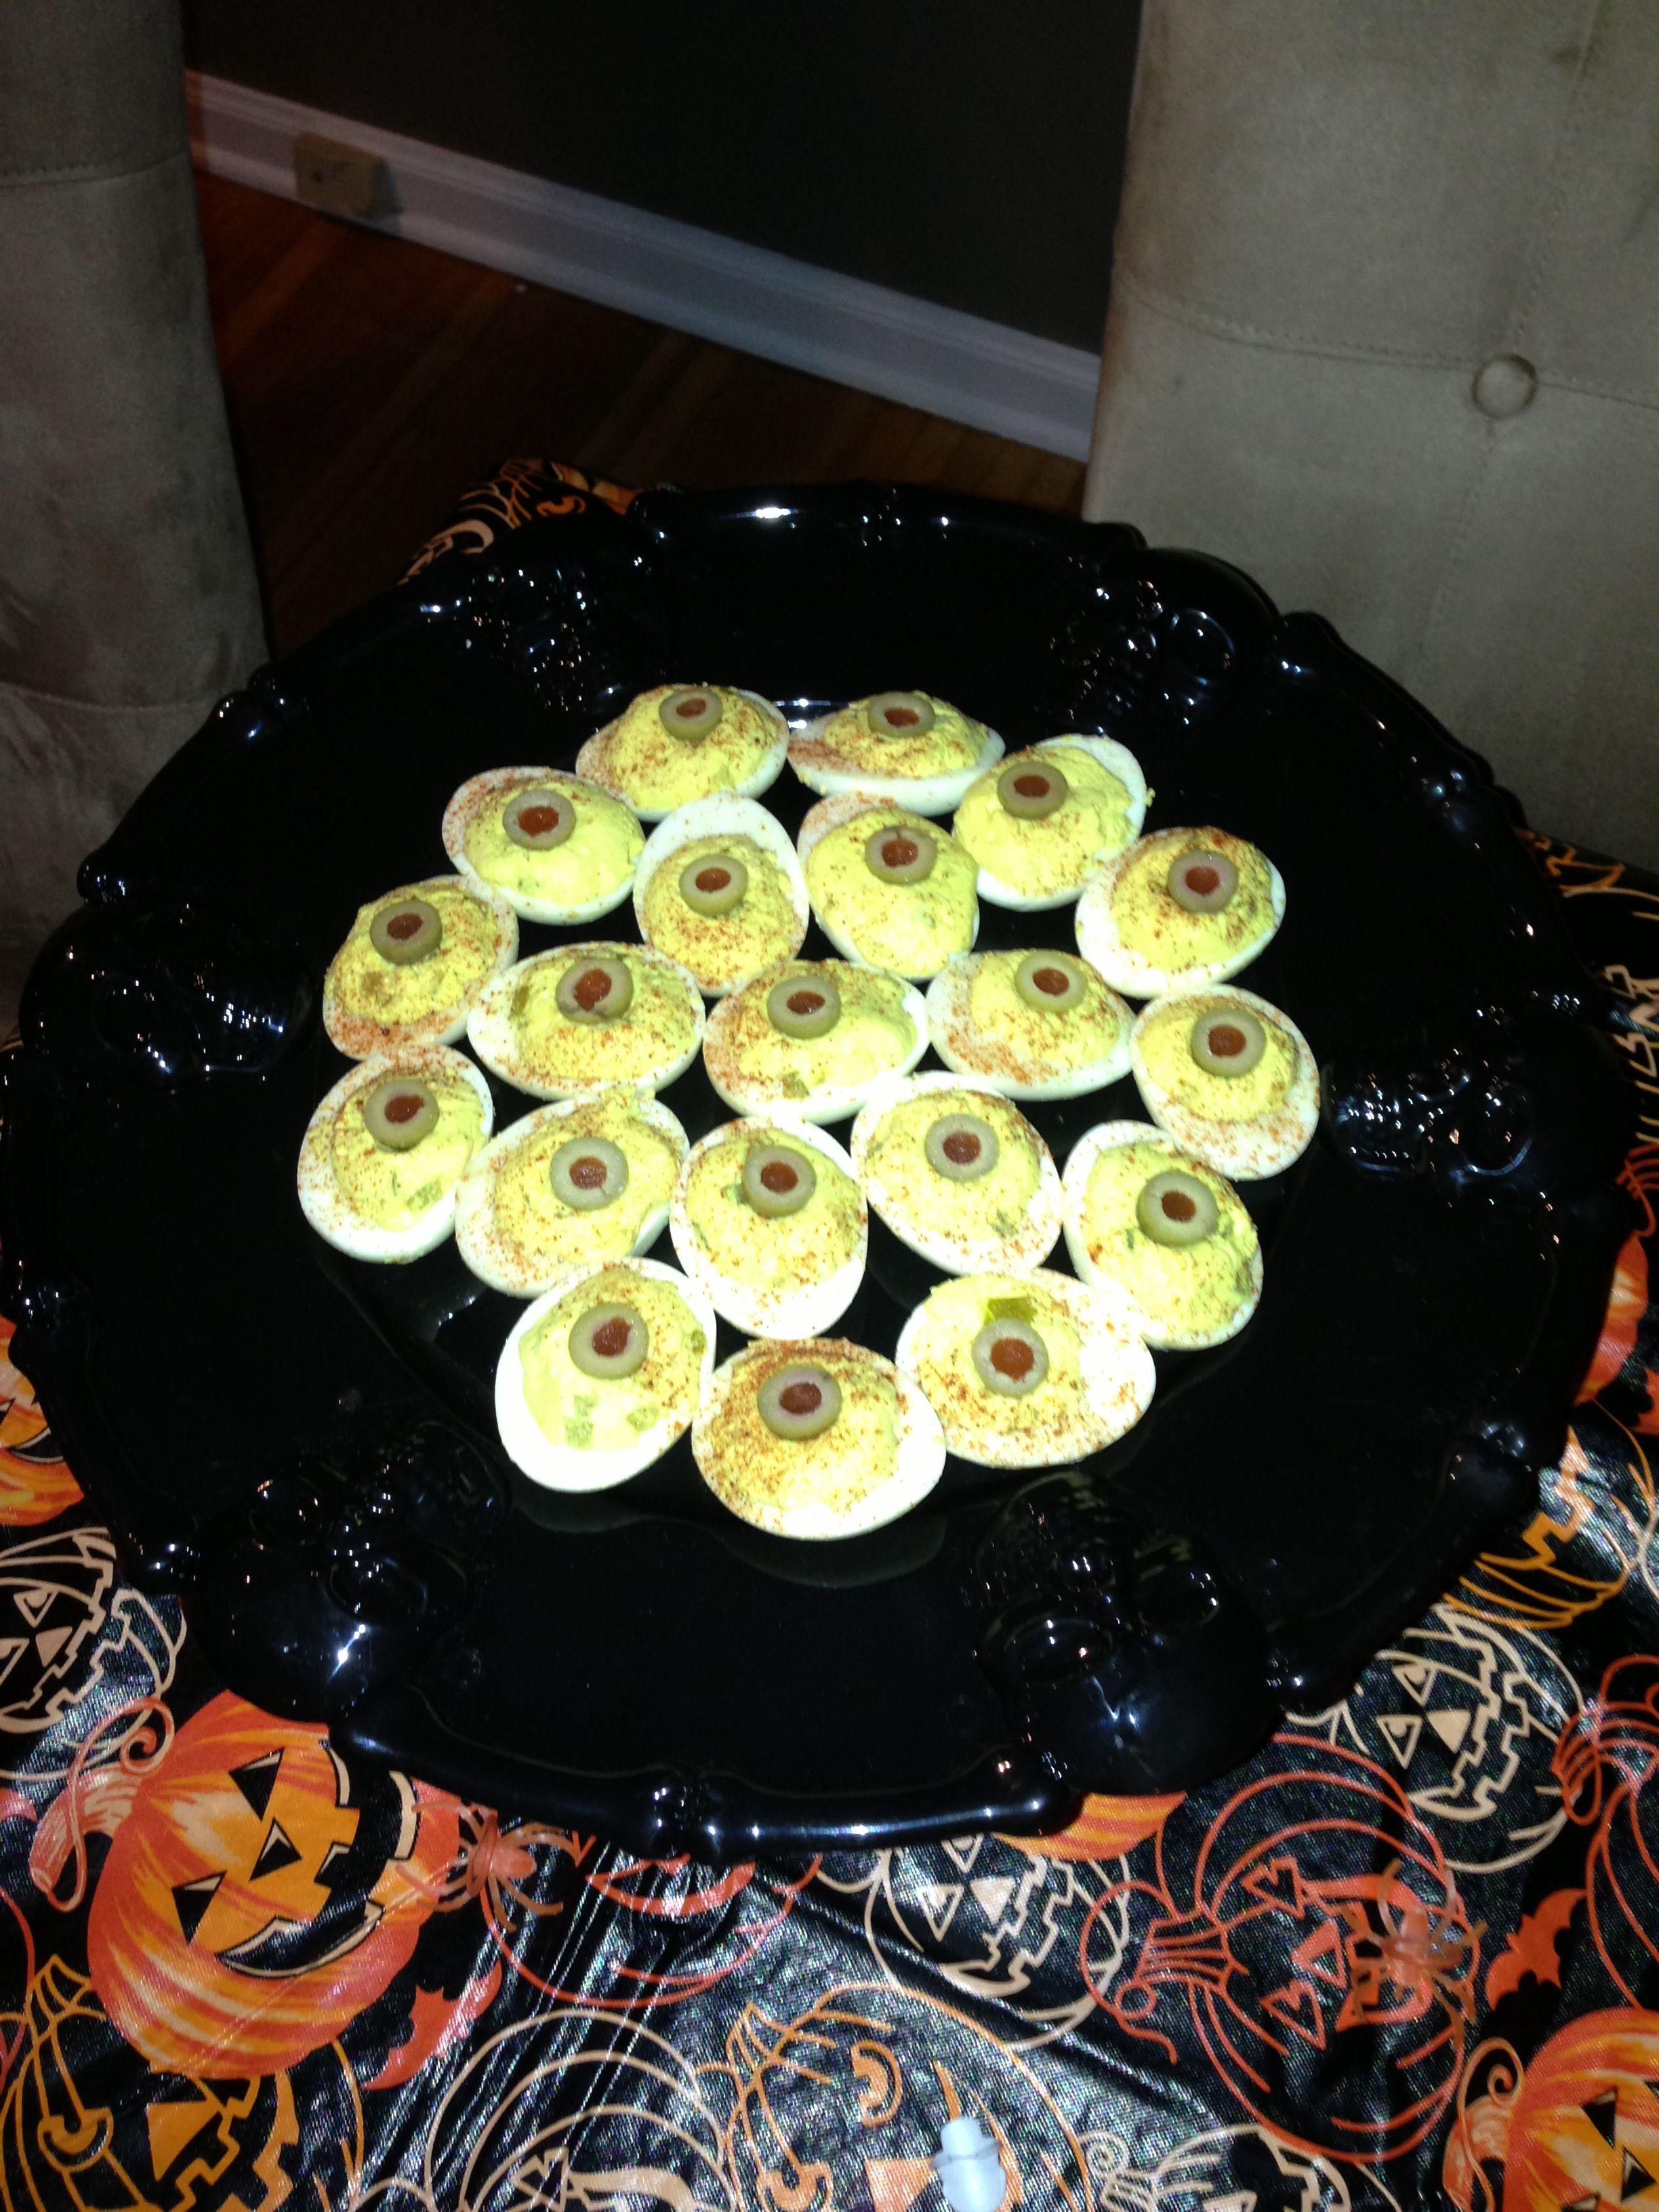 Deviled Egg Eyeballs Deviled eggs, Food, Pinterest party